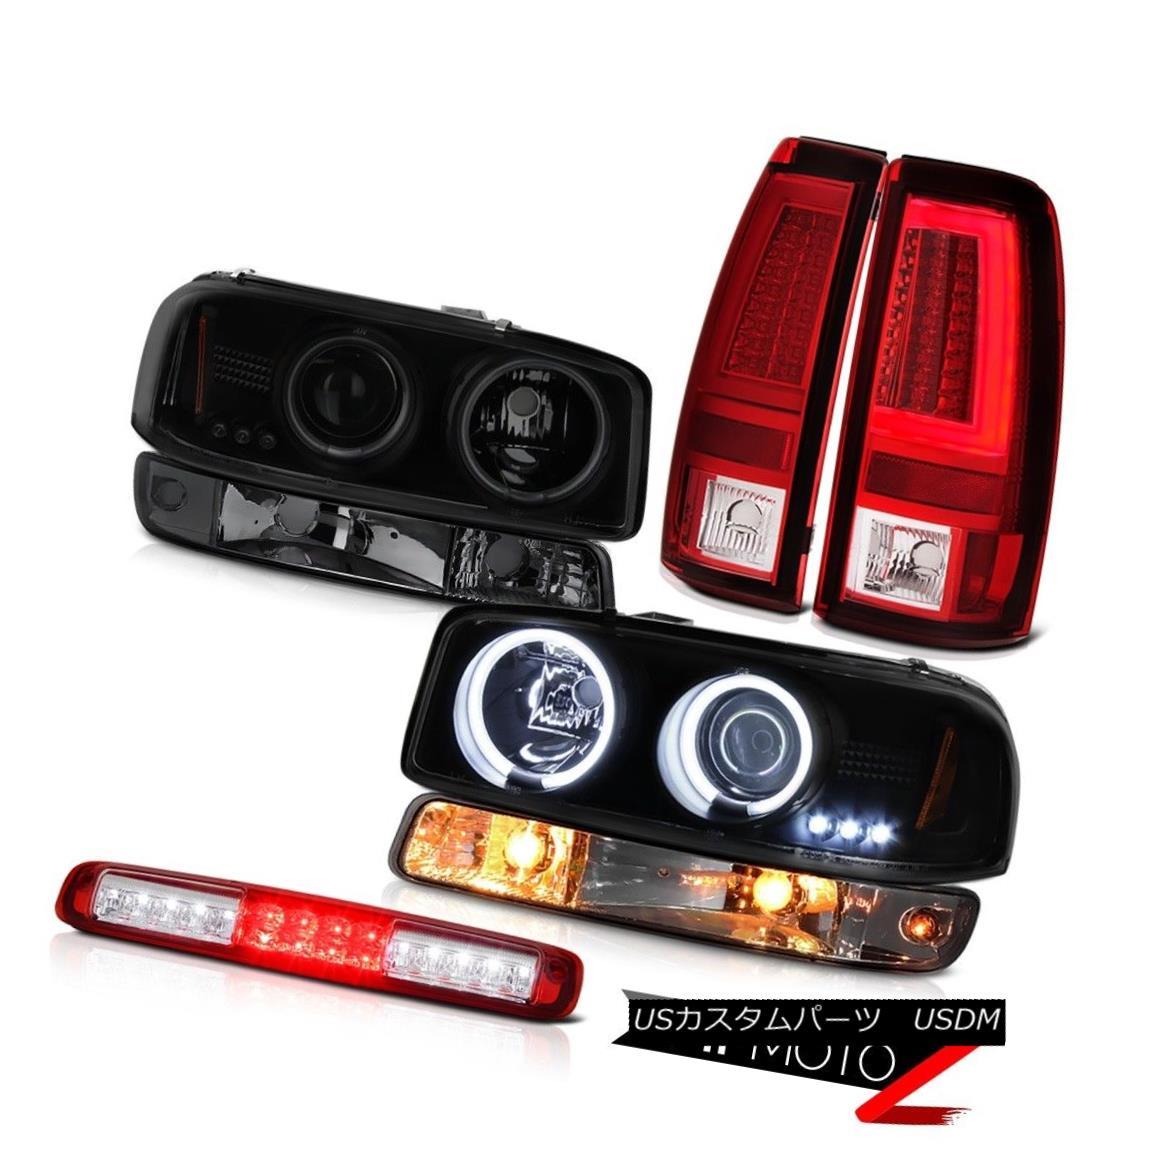 ヘッドライト 99-06 Sierra 4.3L Bloody Red Tail Lights Third Brake Light Bumper Headlamps LED 99-06シエラ4.3Lブラッディレッドテールライト第3ブレーキライトバンパーヘッドランプLED画像